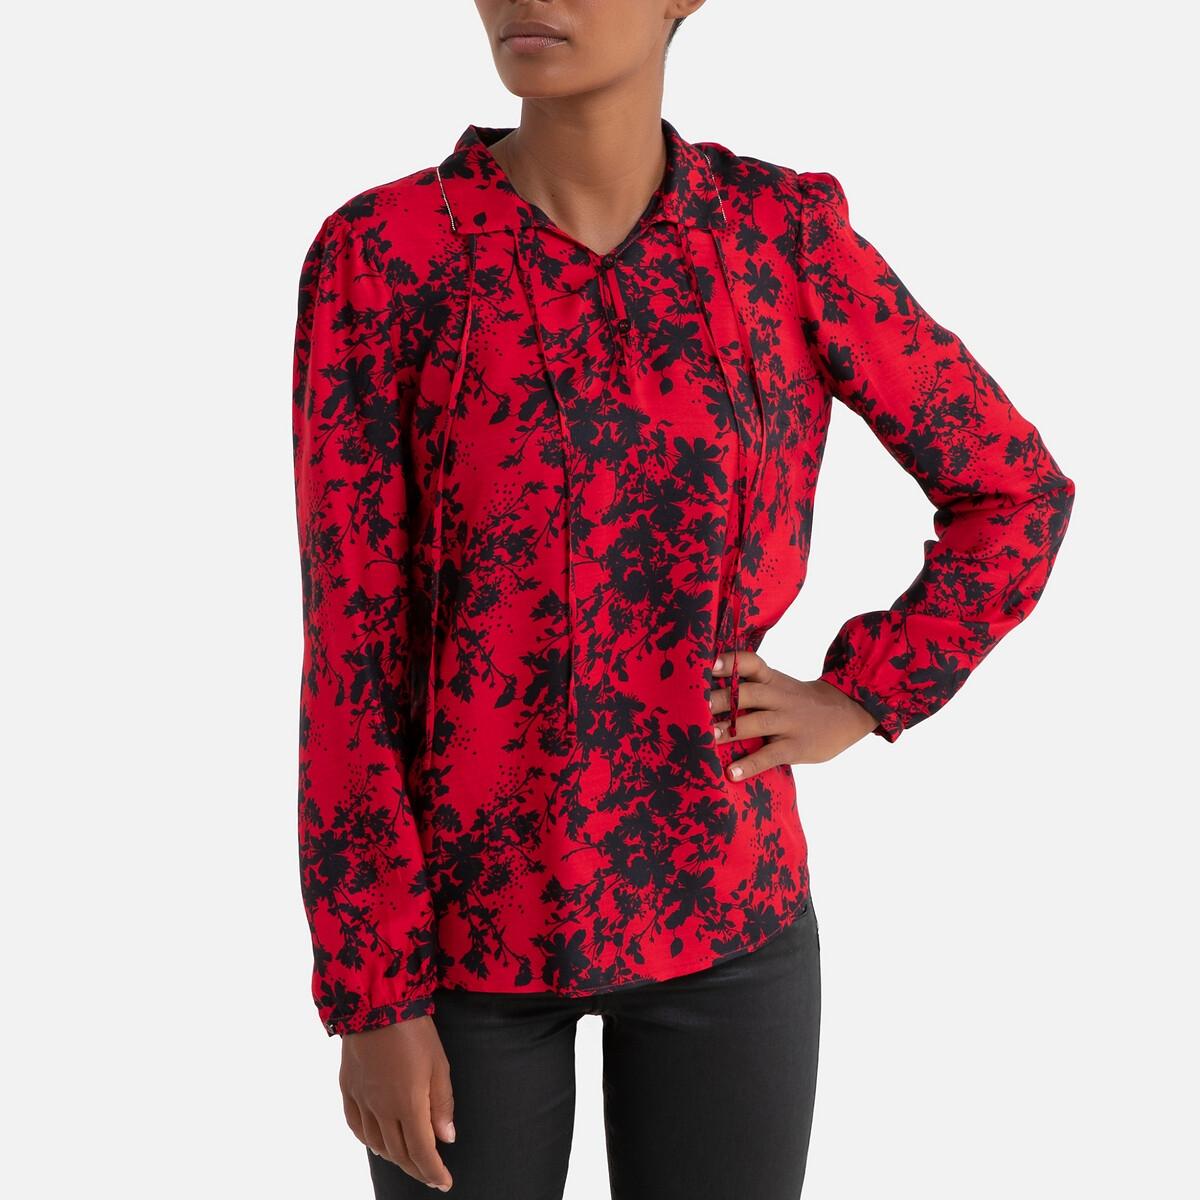 Фото - Блузка LaRedoute С рисунком и длинными рукавами 40 (FR) - 46 (RUS) красный блузка с рисунком и длинными рукавами для периода беременности